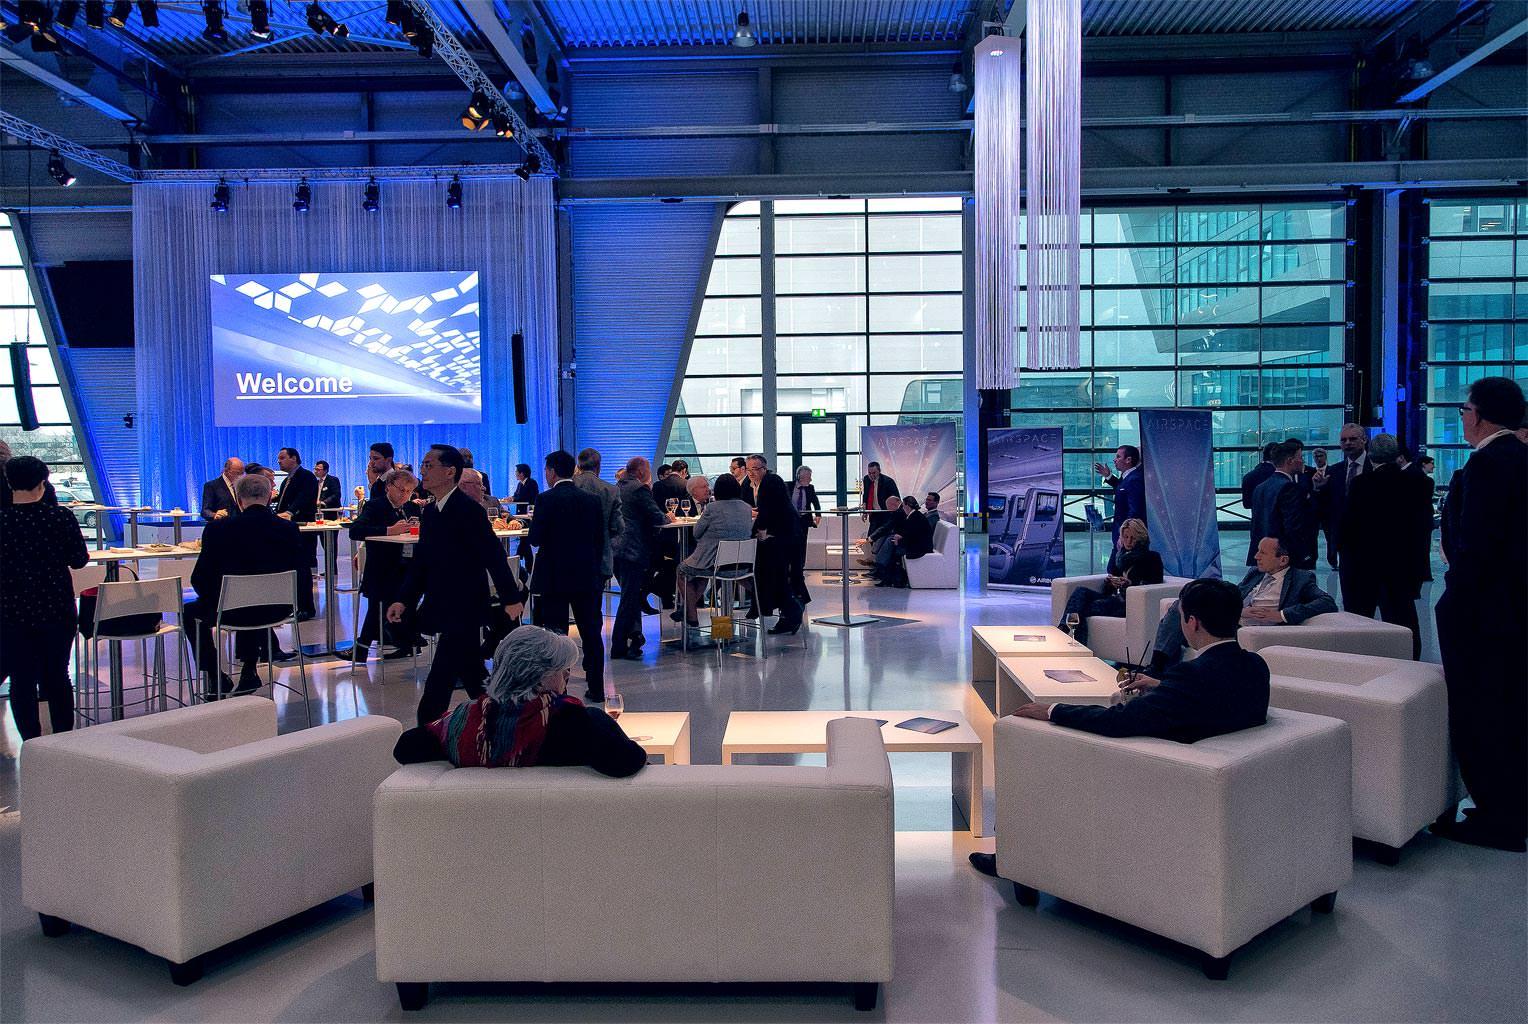 ZAL Hamburg Senatsempfang Übersicht über den Raum Meschen im Gespräch